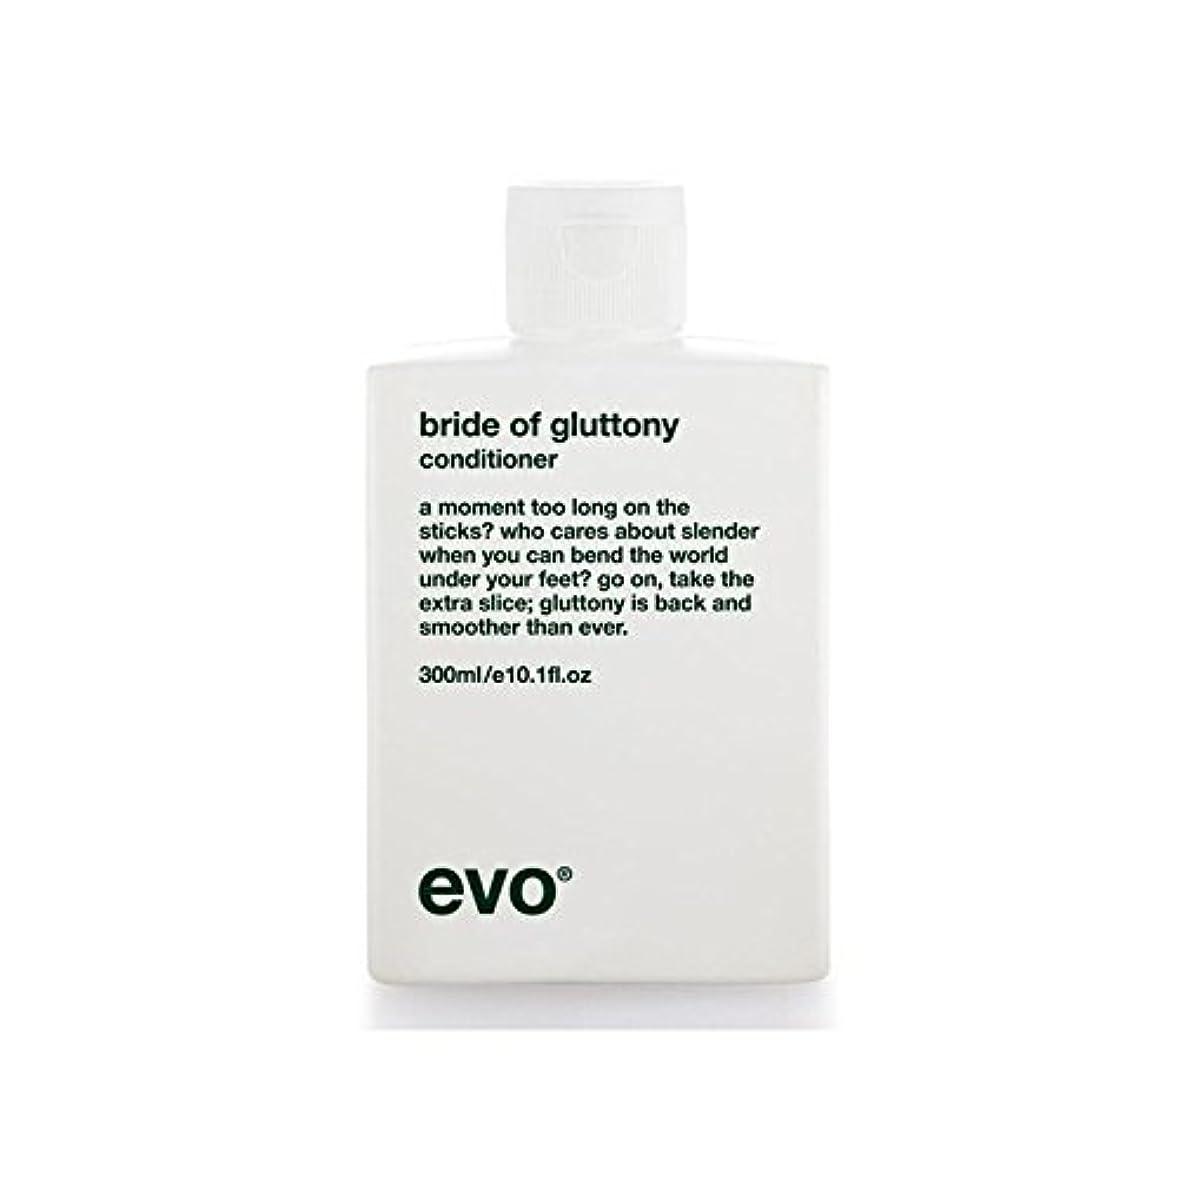 同情的脇に近々飽食のボリュームコンディショナーのエボ花嫁 x4 - Evo Bride Of Gluttony Volume Conditioner (Pack of 4) [並行輸入品]